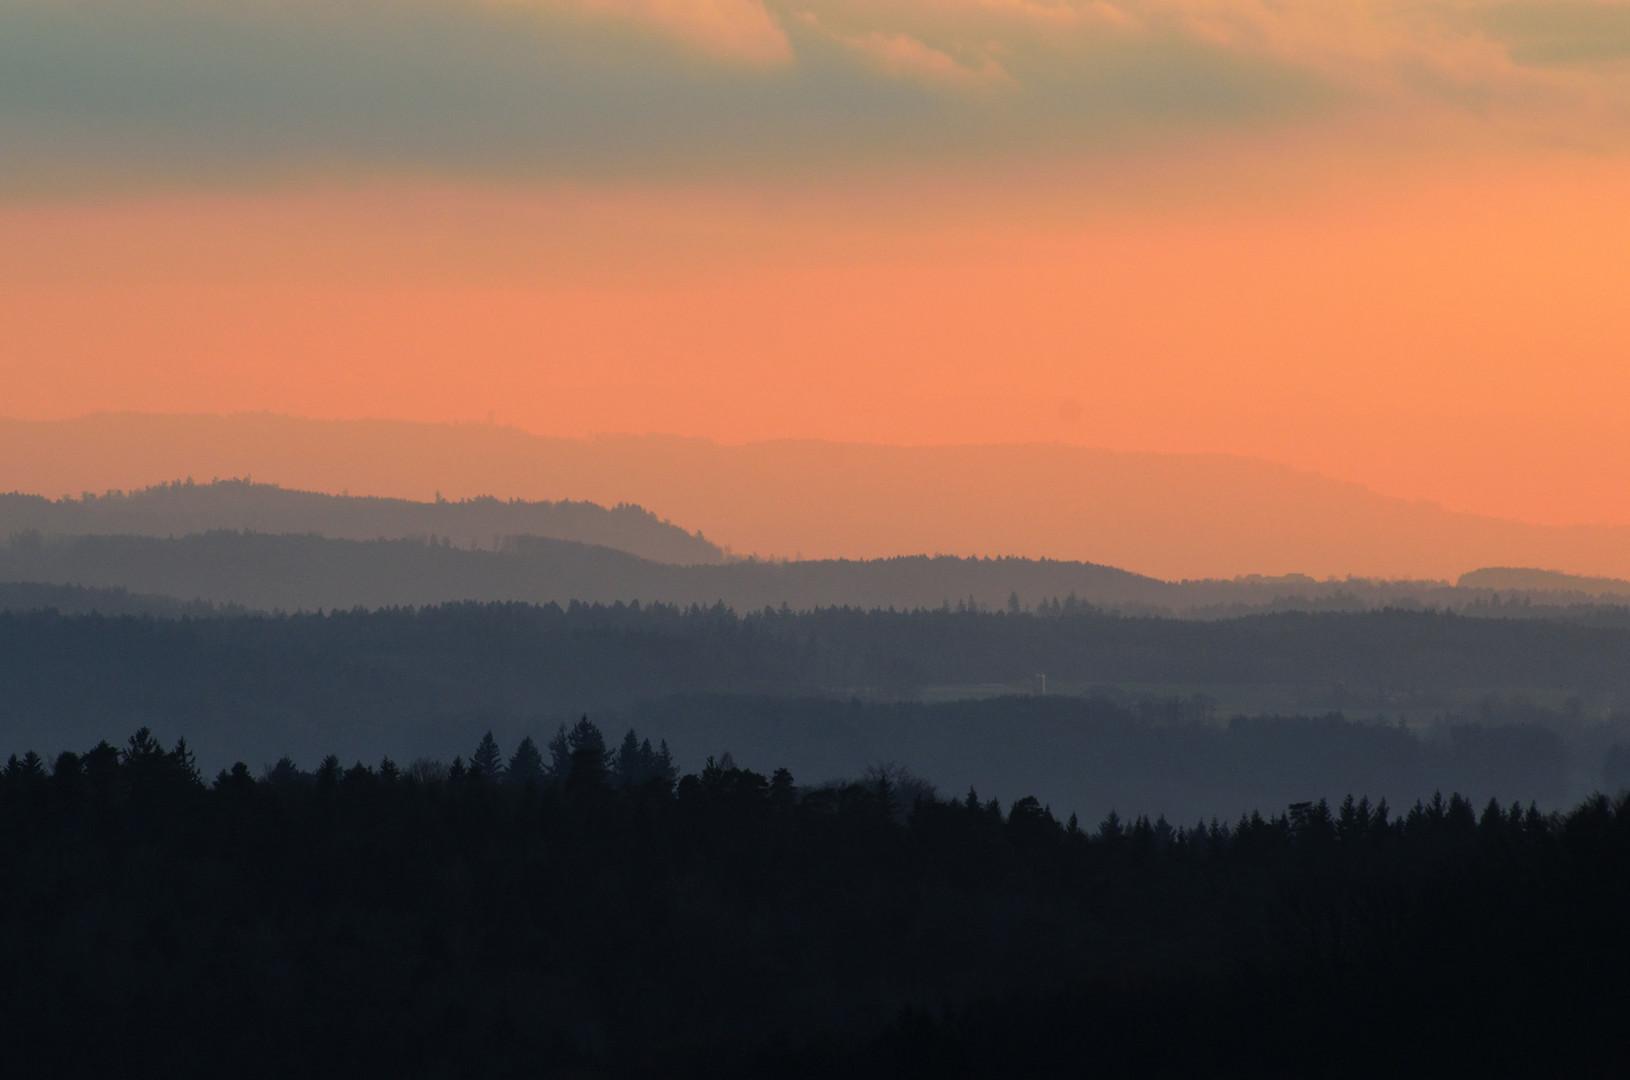 Relief - Schweizer Mittelland; kurz vor Sonnenuntergang